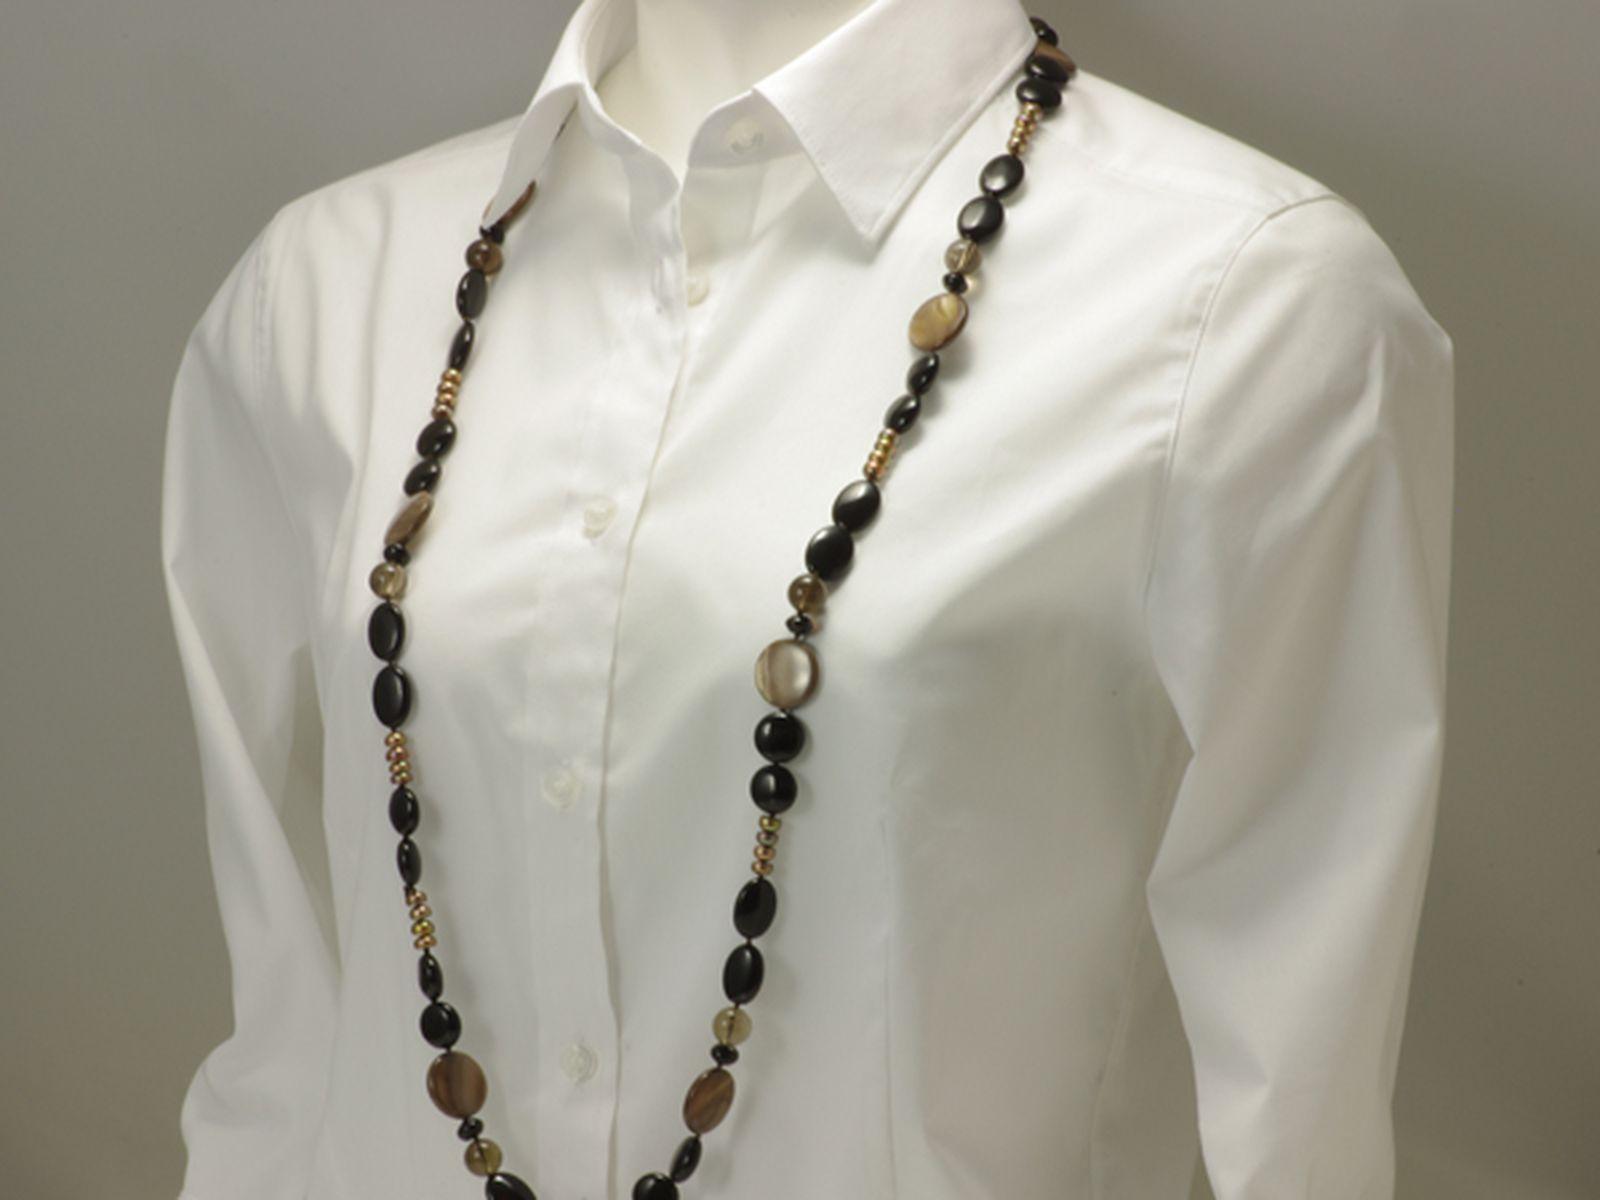 淡水真珠 パール ロングネックレス 約6.5mm 染 ボタン アウトレット 在庫の写真